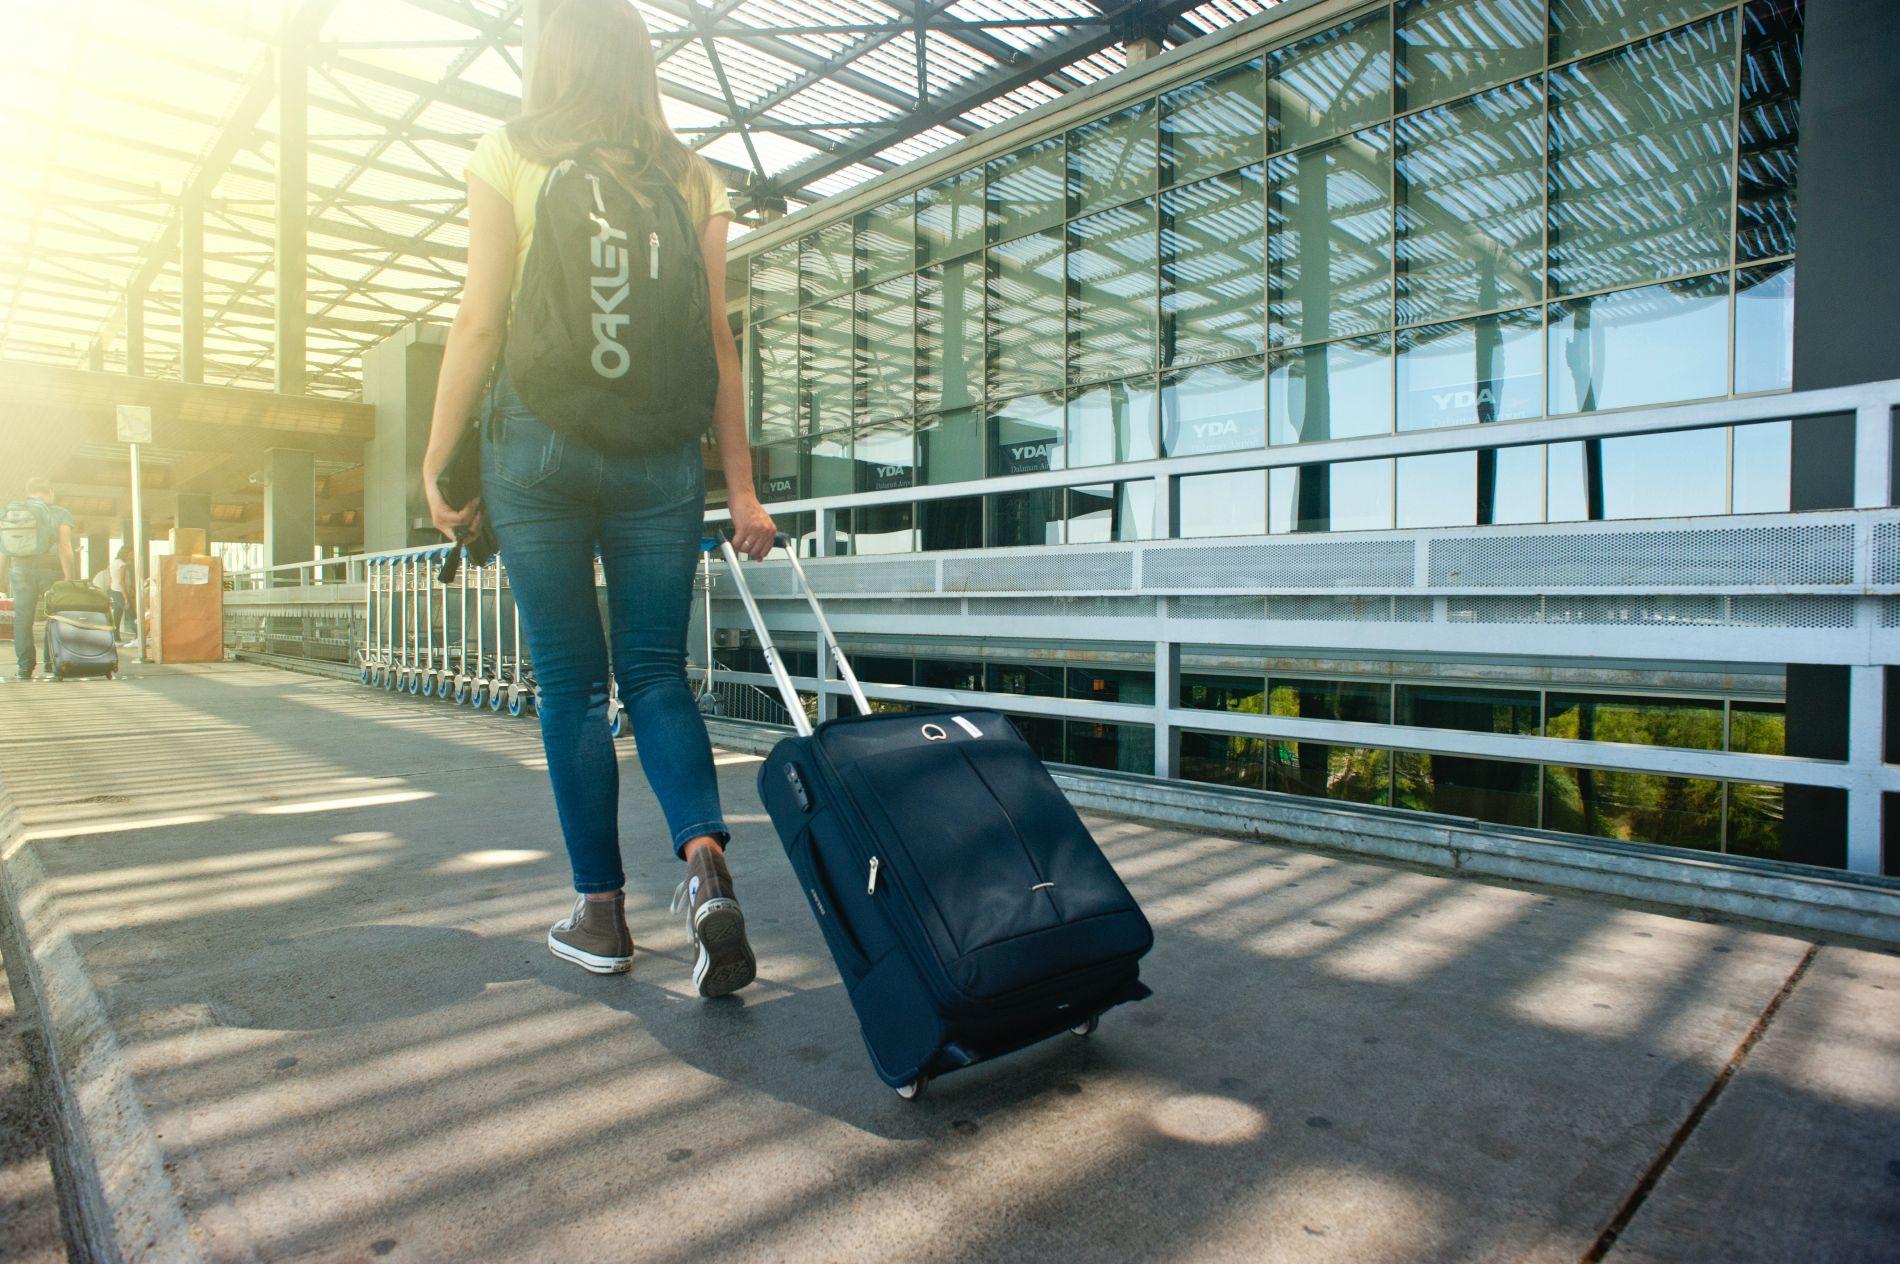 putovanje, putovanje u inozemstvo, covid-19